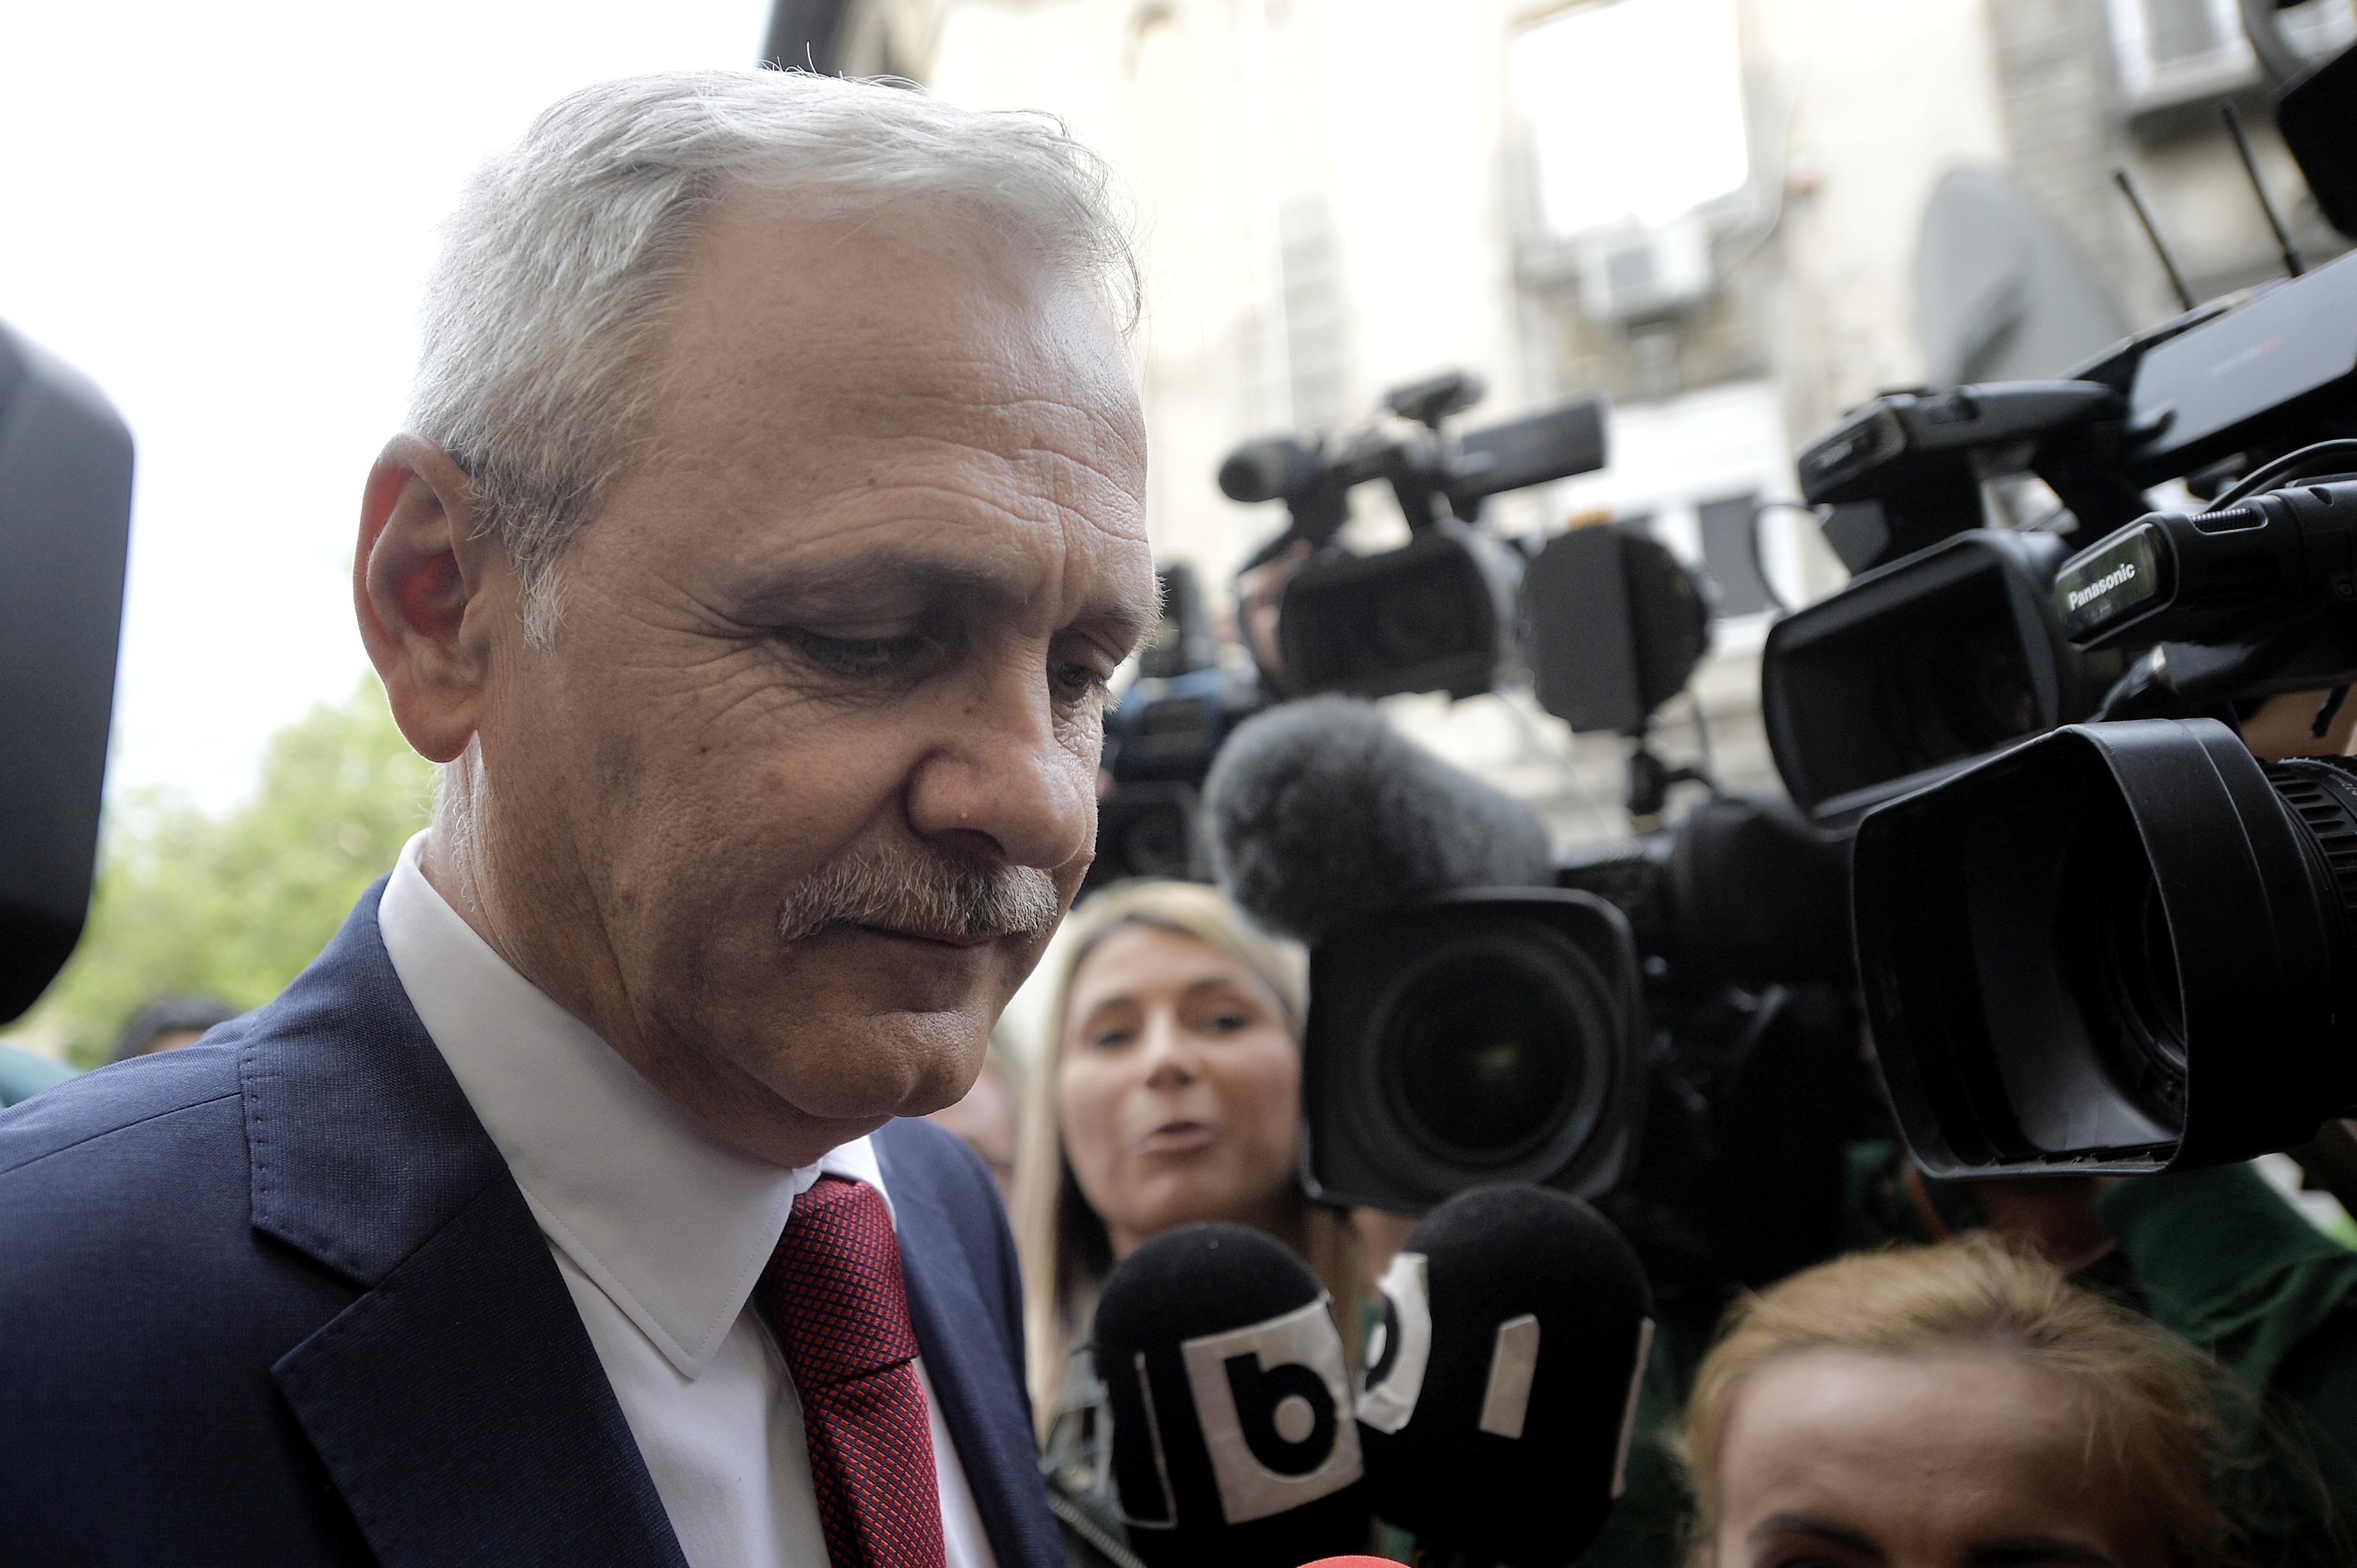 Liviu Dragnea anunţă un nou partid: se numeşte Alianţa pentru Patrie, susţin această formaţiune